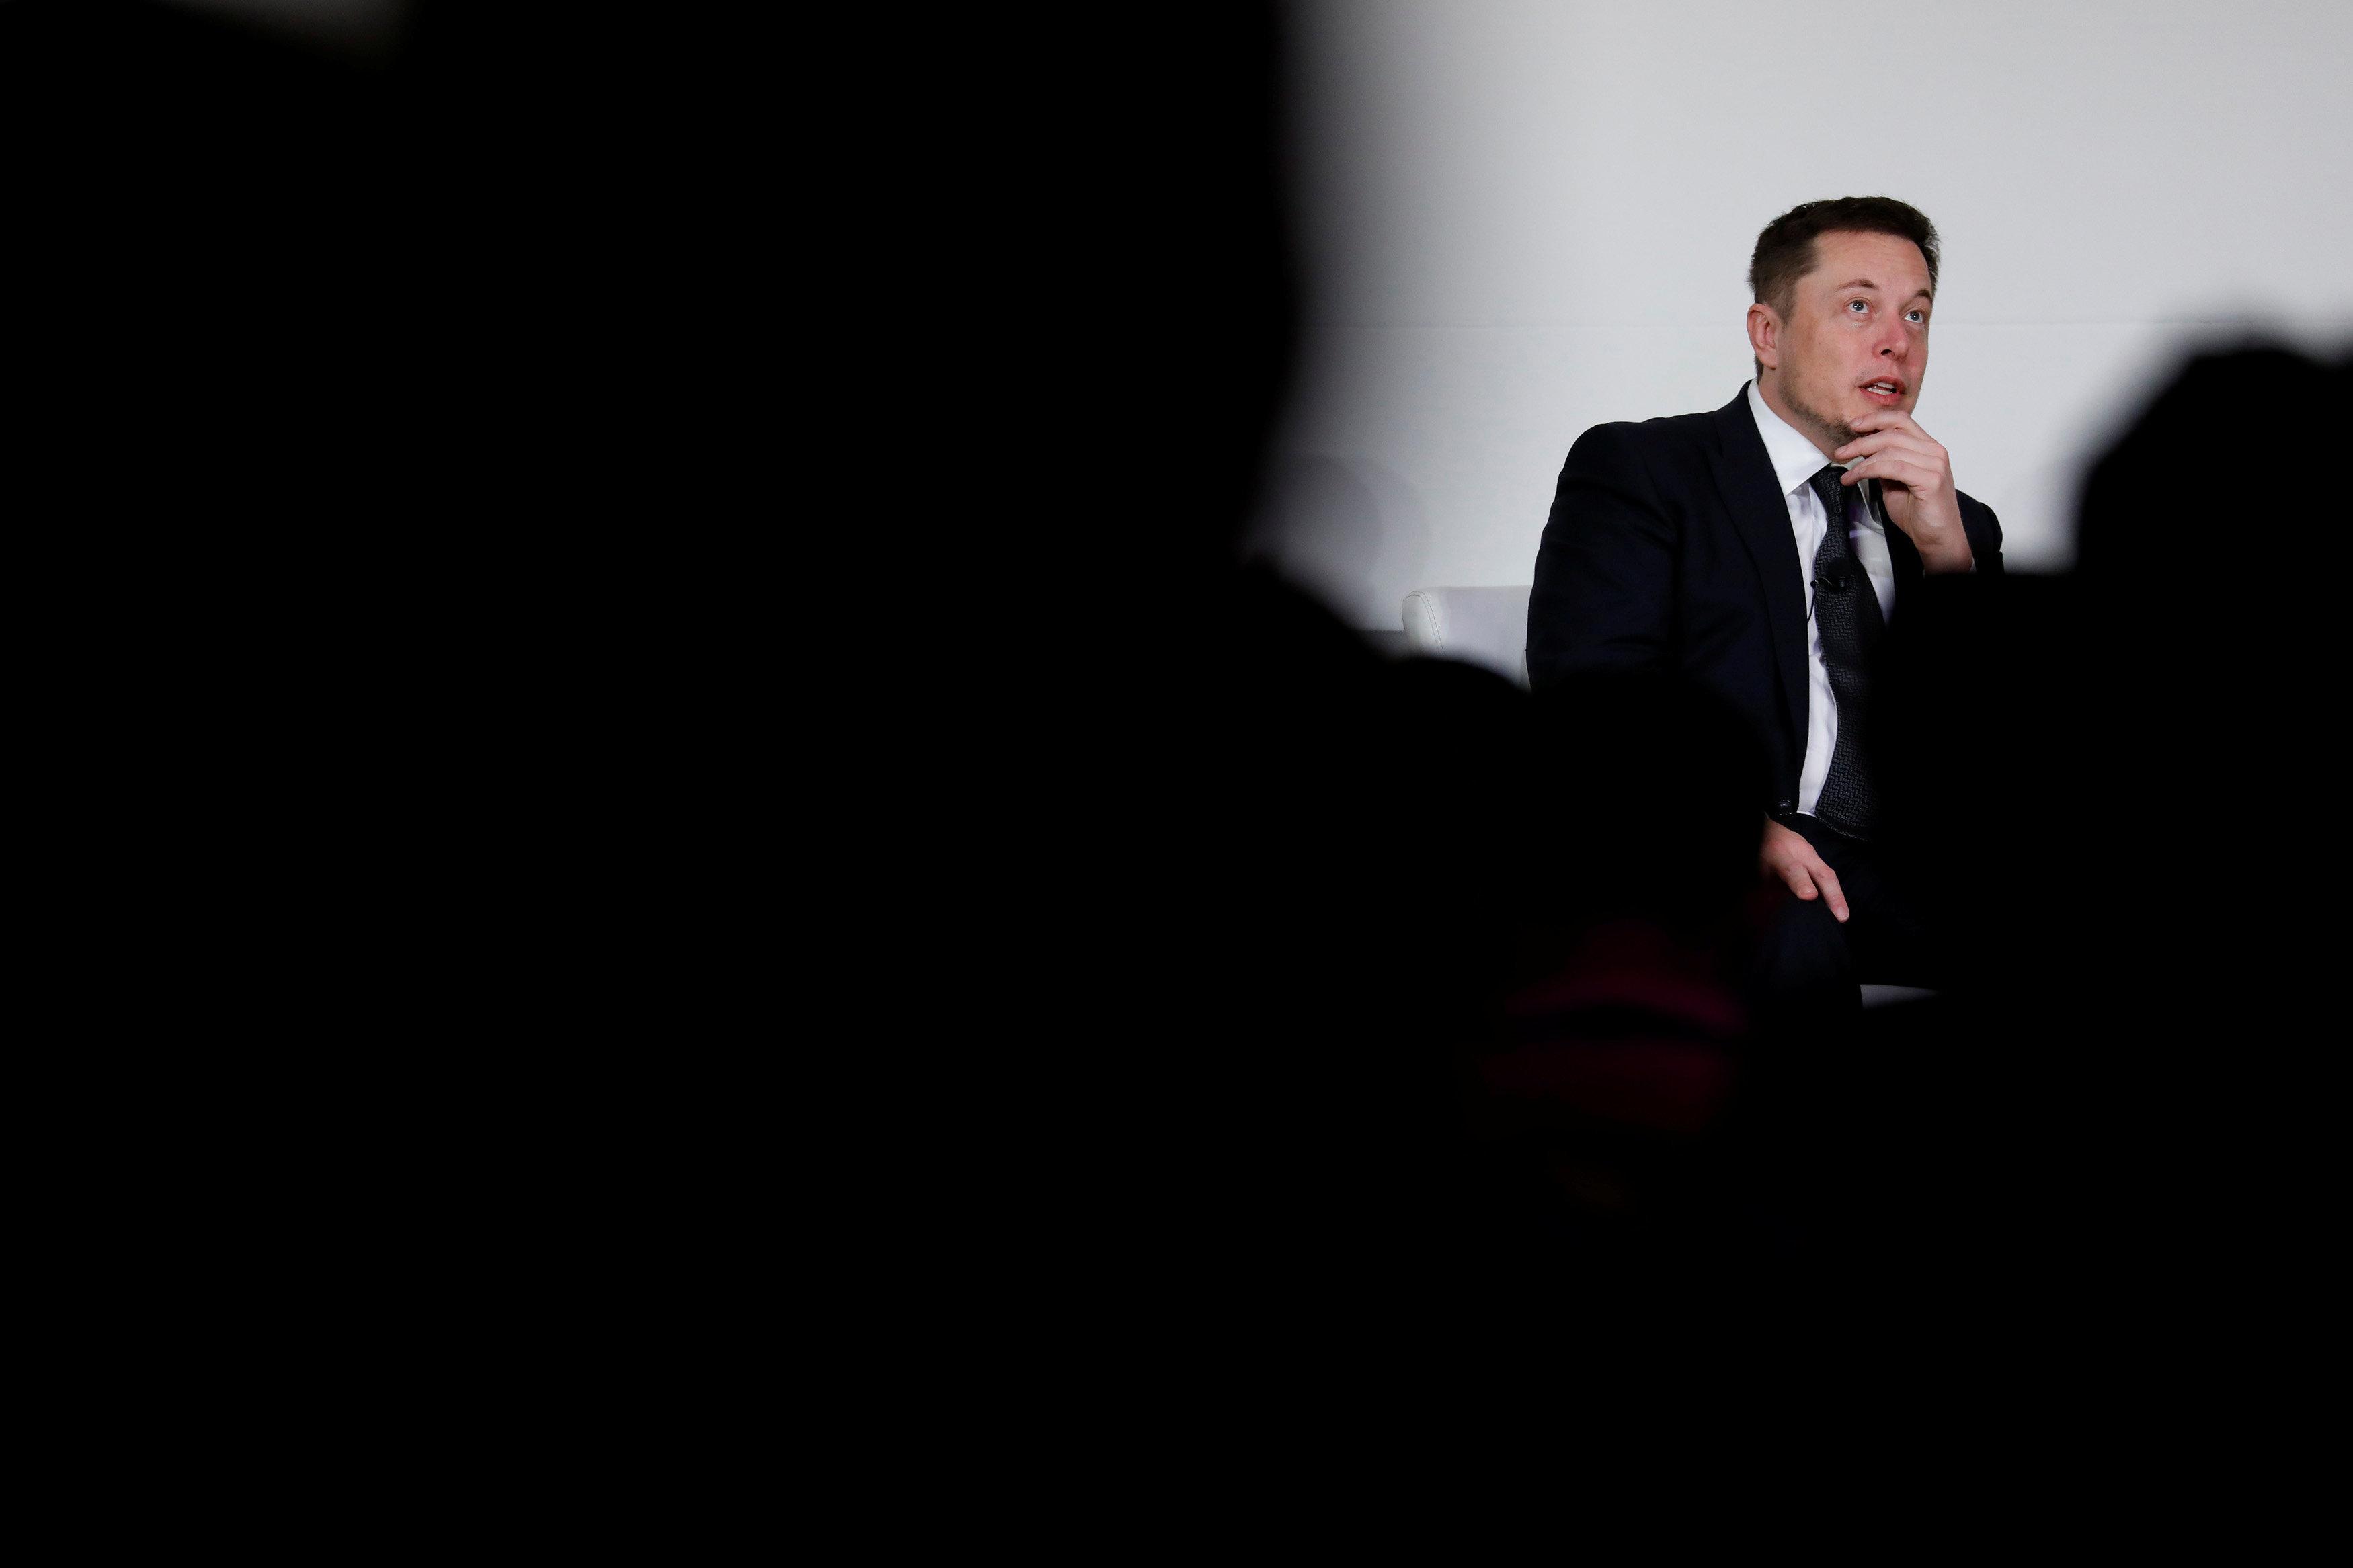 Ο Elon Musk αποκάλεσε «παιδόφιλο» τον αρχηγό της ομάδας διάσωσης των παιδιών στην Ταϊλάνδη επειδή...δεν χρησιμοποίησε το υποβ...